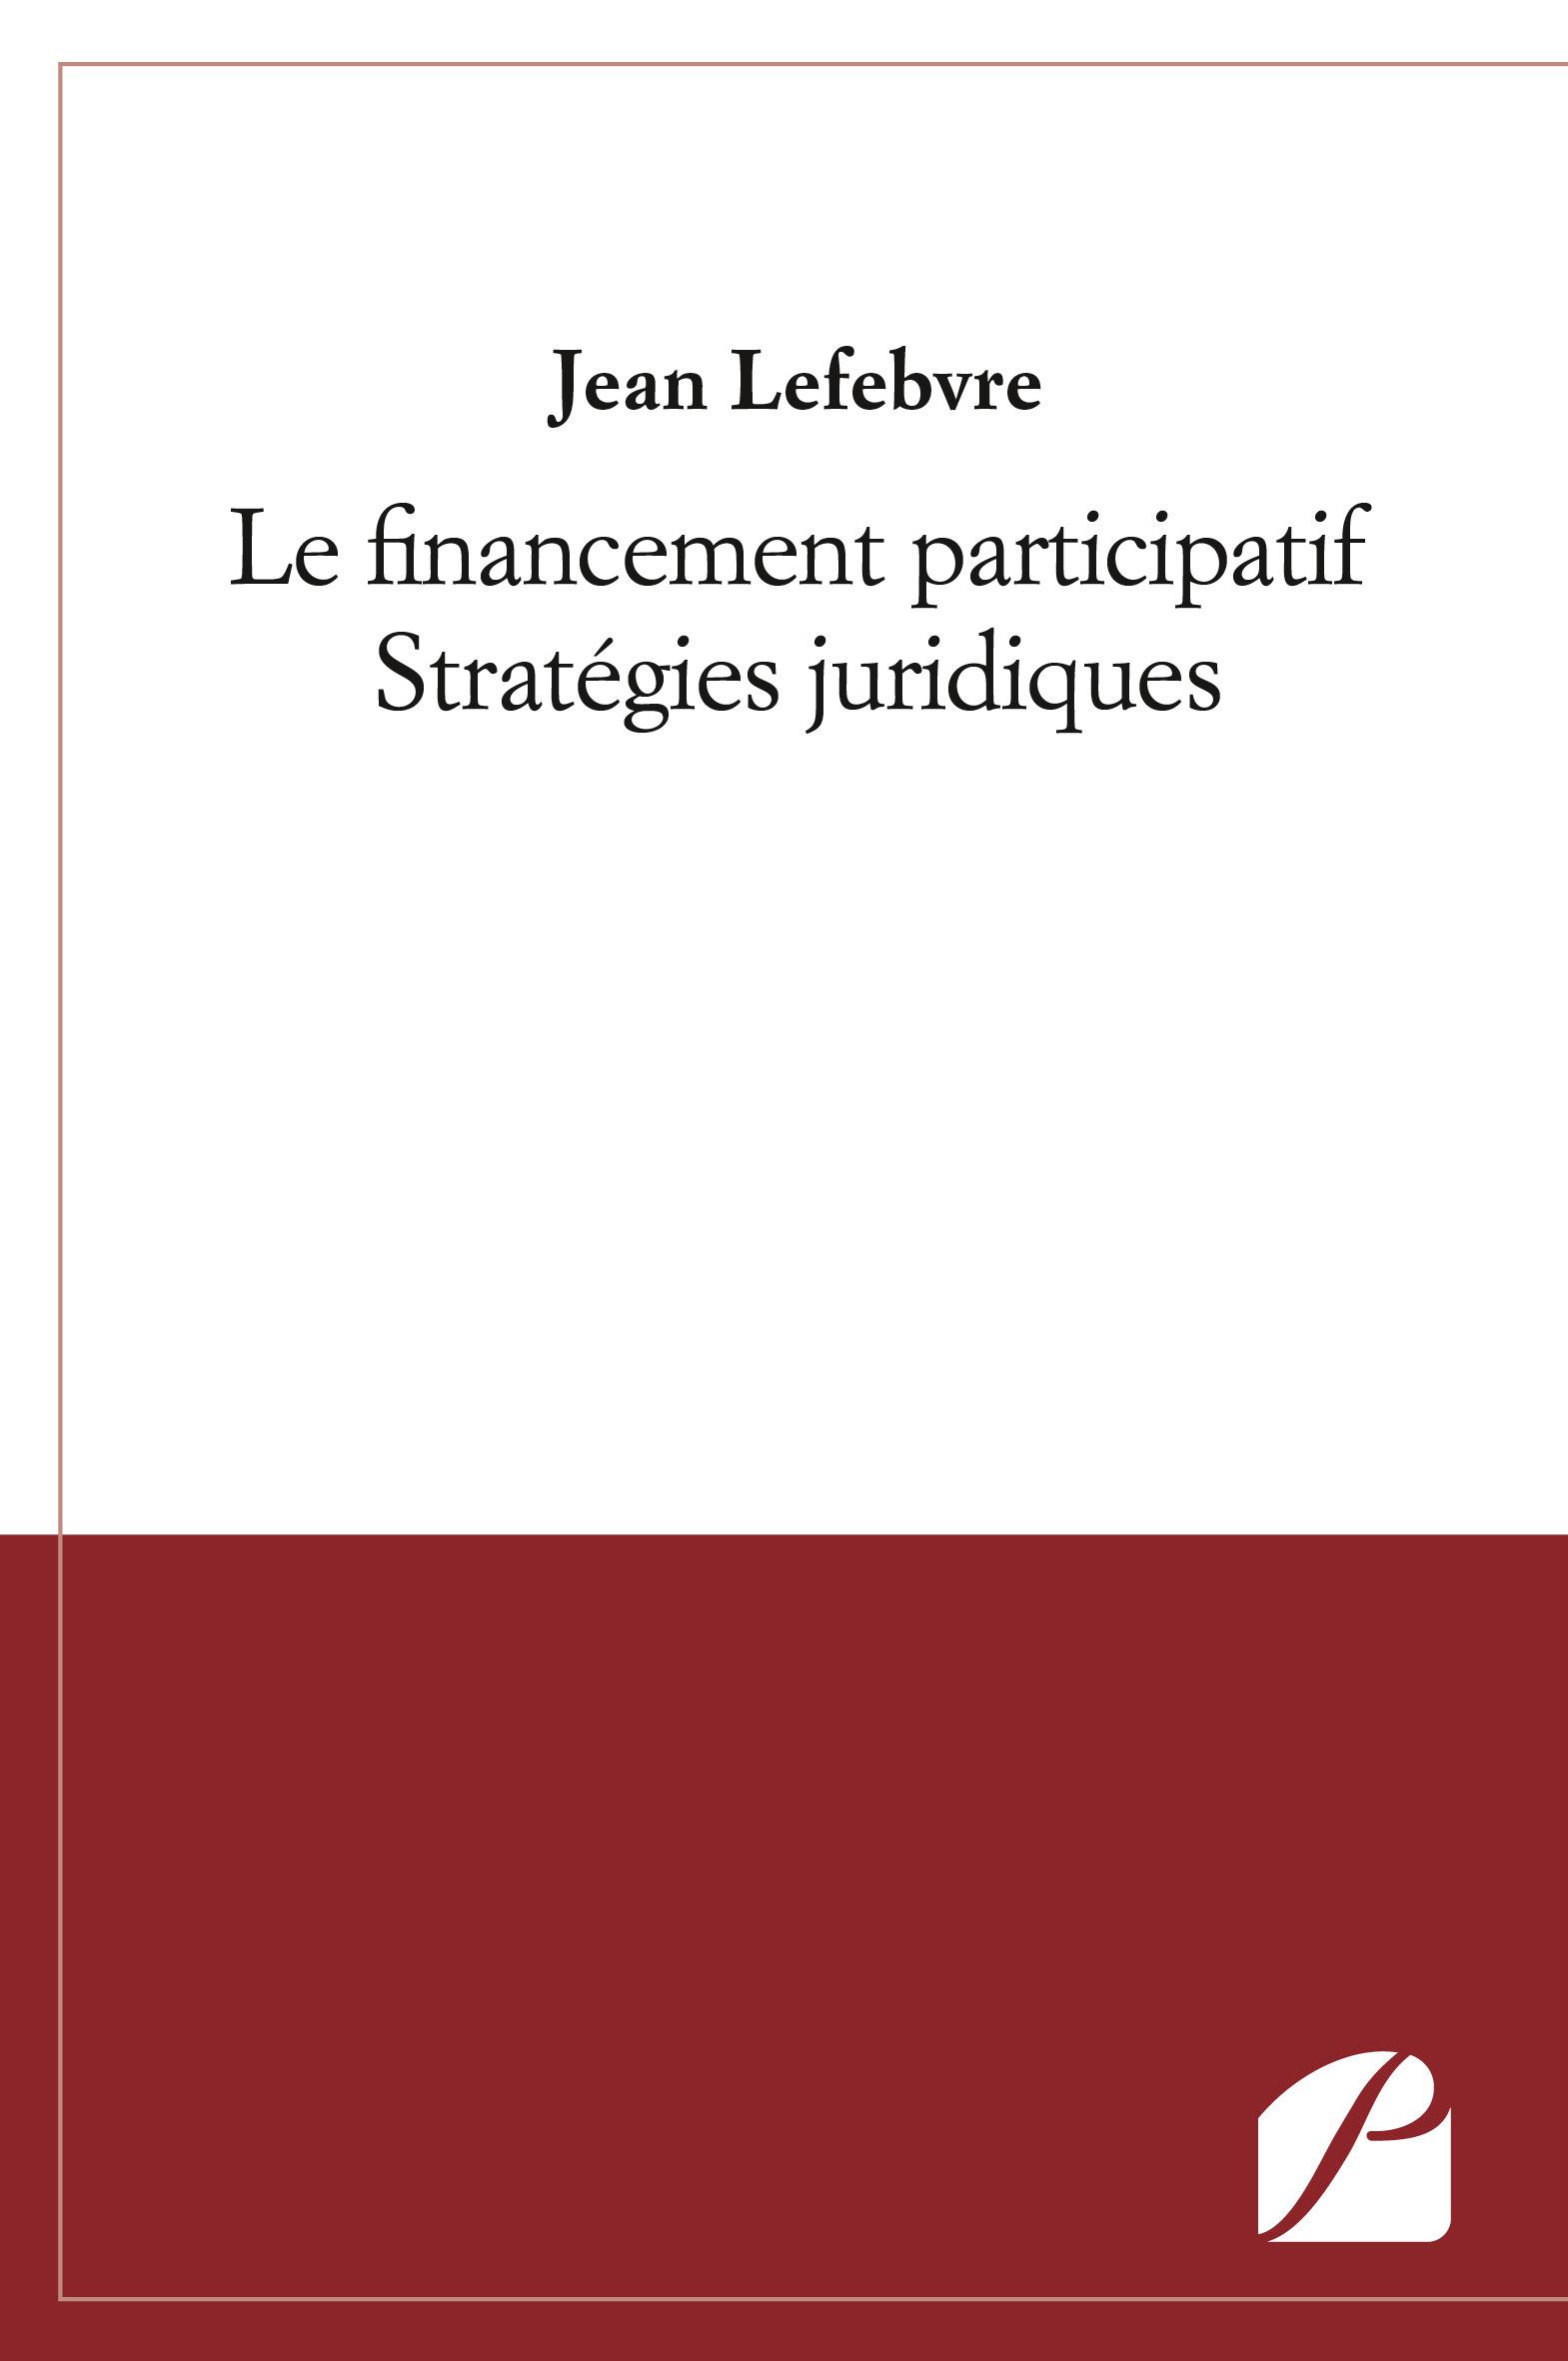 Jean Lefebvre Le financement participatif - Stratégies juridiques